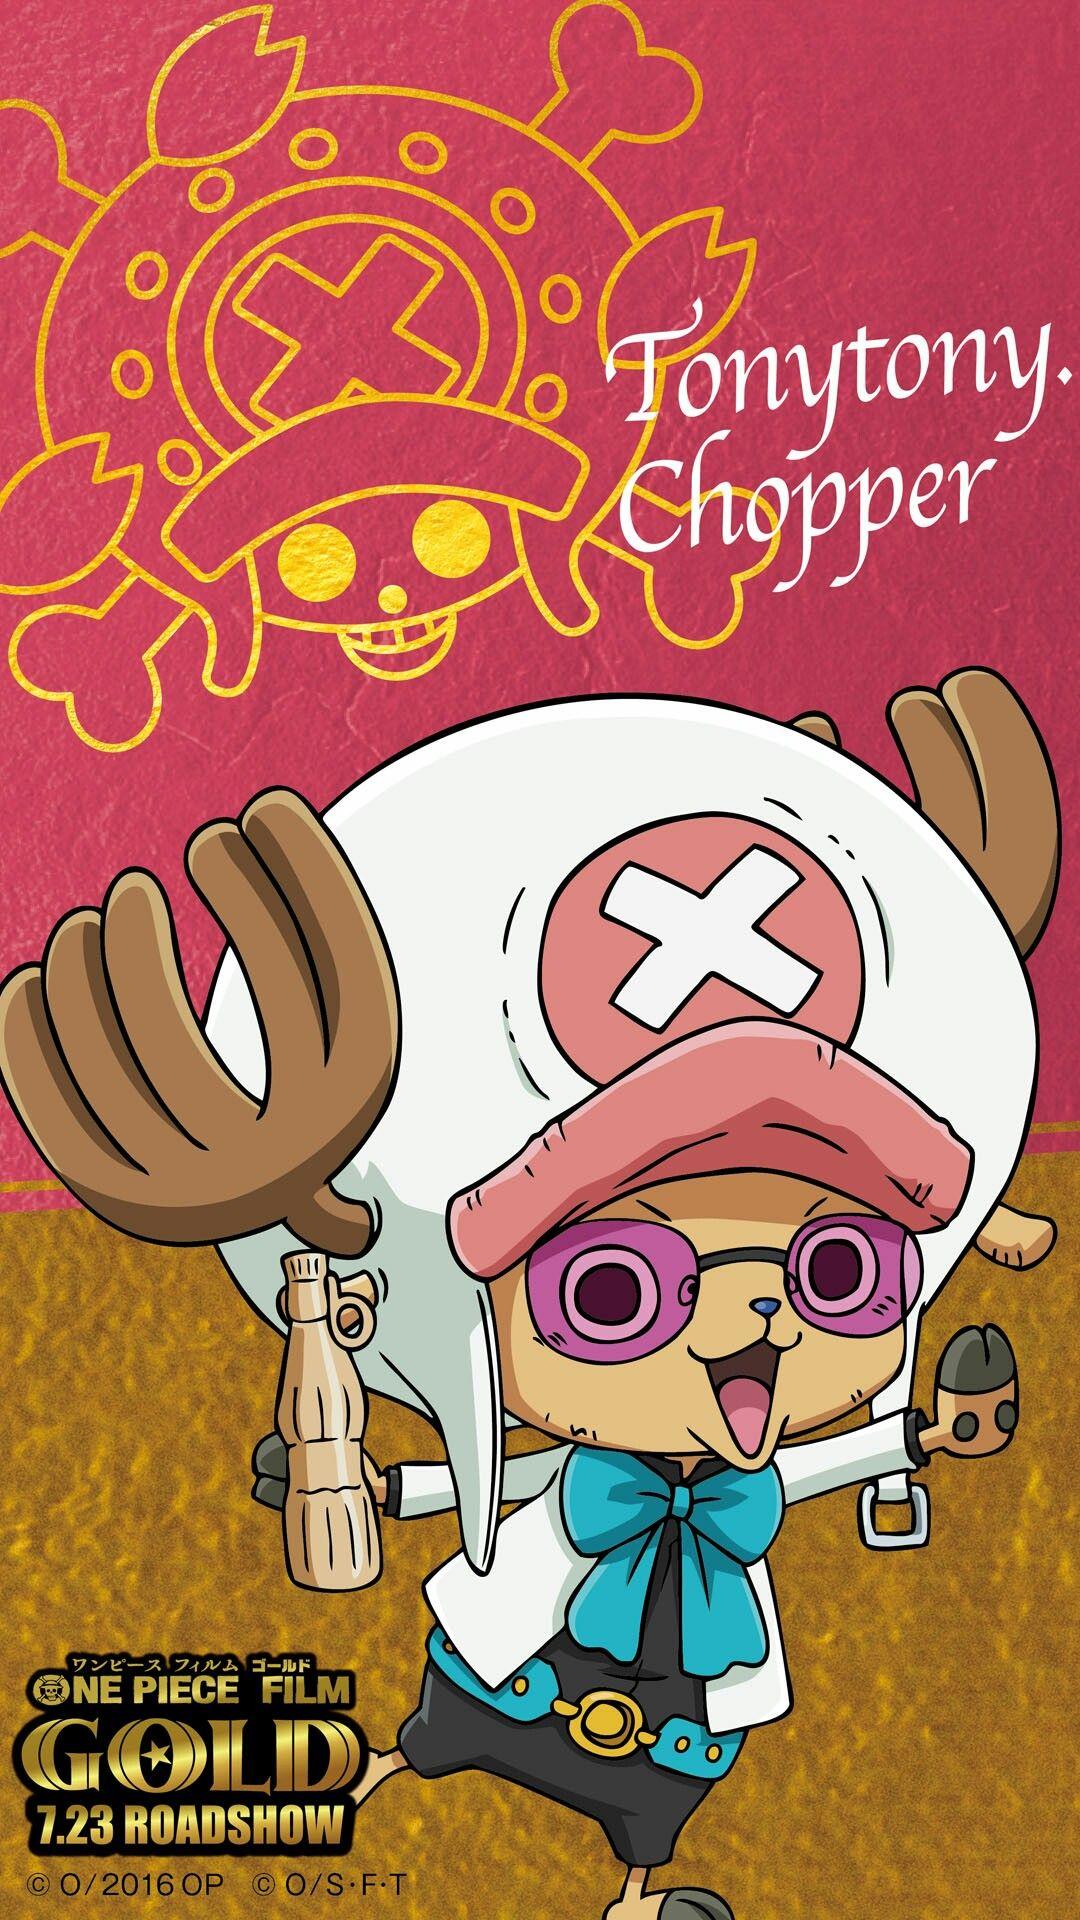 One Piece Tony Chopper Chopper Sensei iphone case